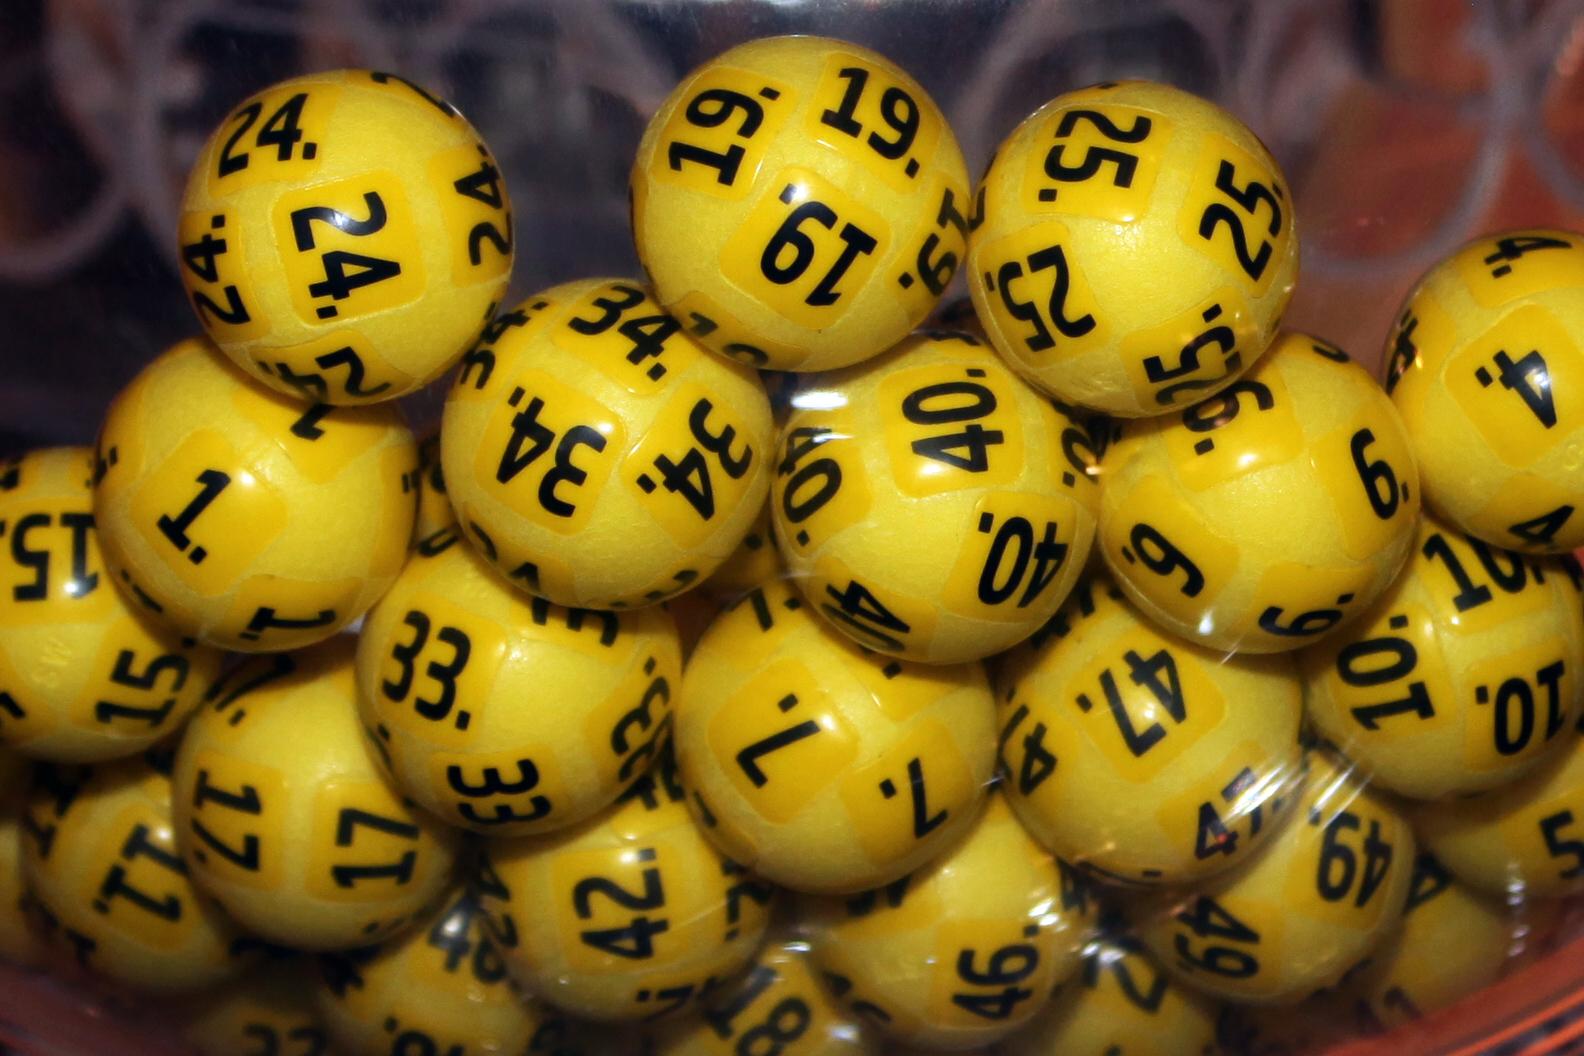 Lotto Annahmestellen Bw